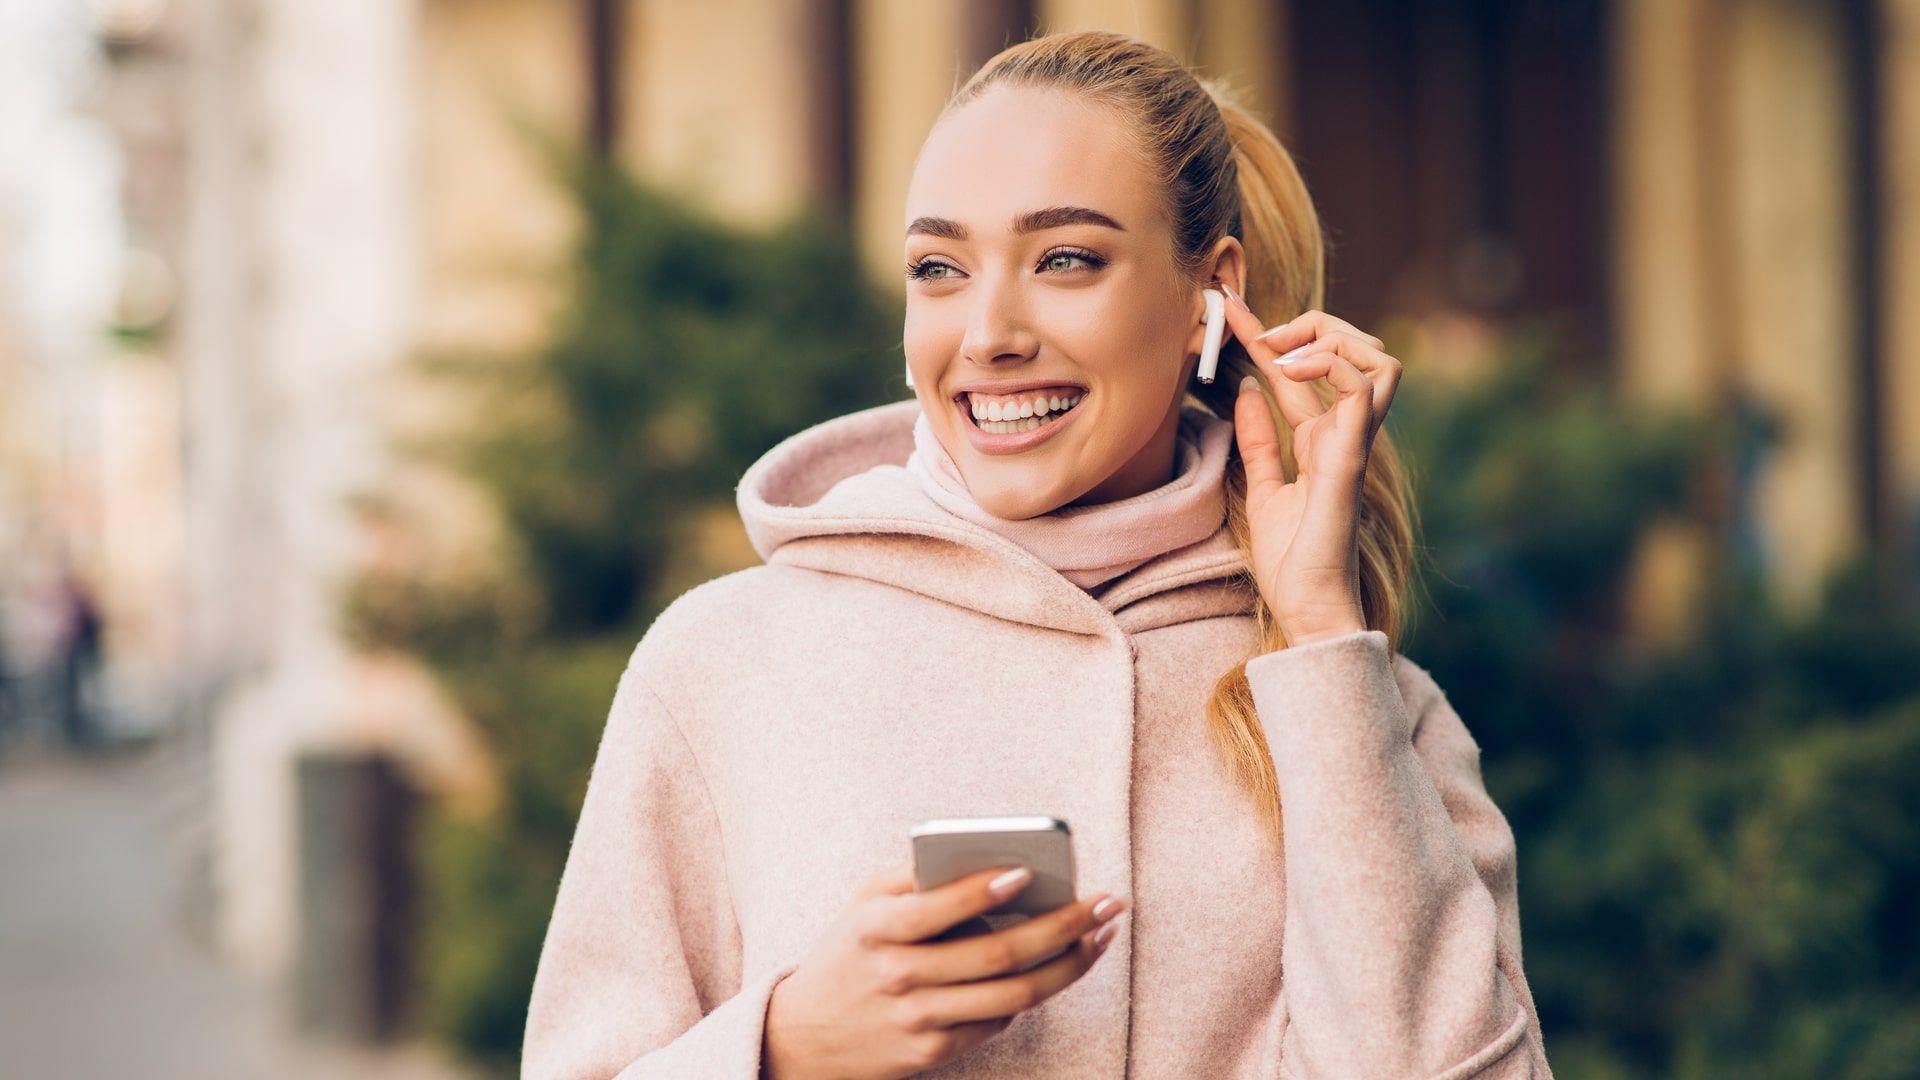 AirPods da Apple é um dos principais modelos de fone TWS para comprar em 2021 (Foto: Shutterstock)